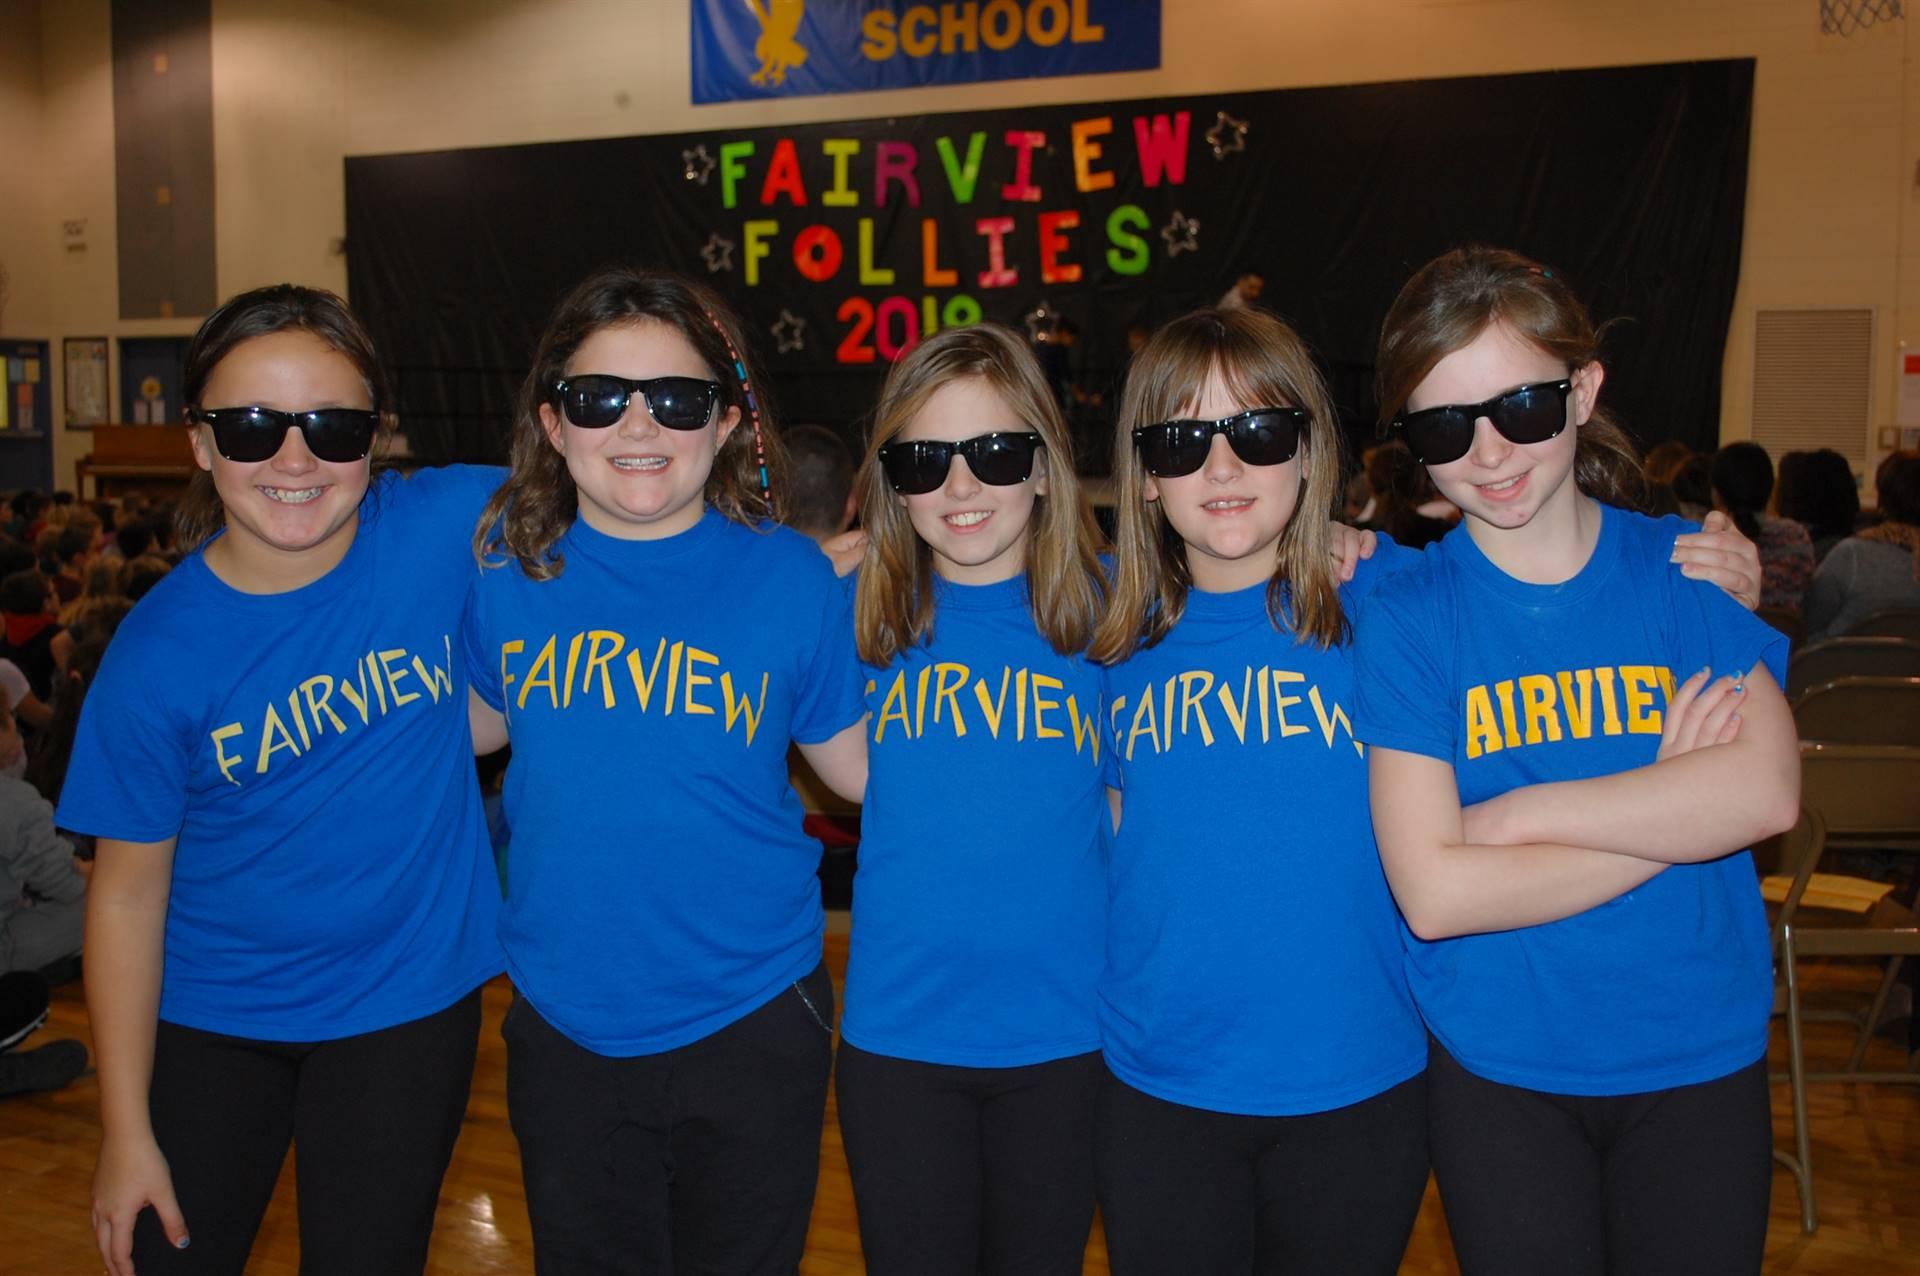 Fairview follies